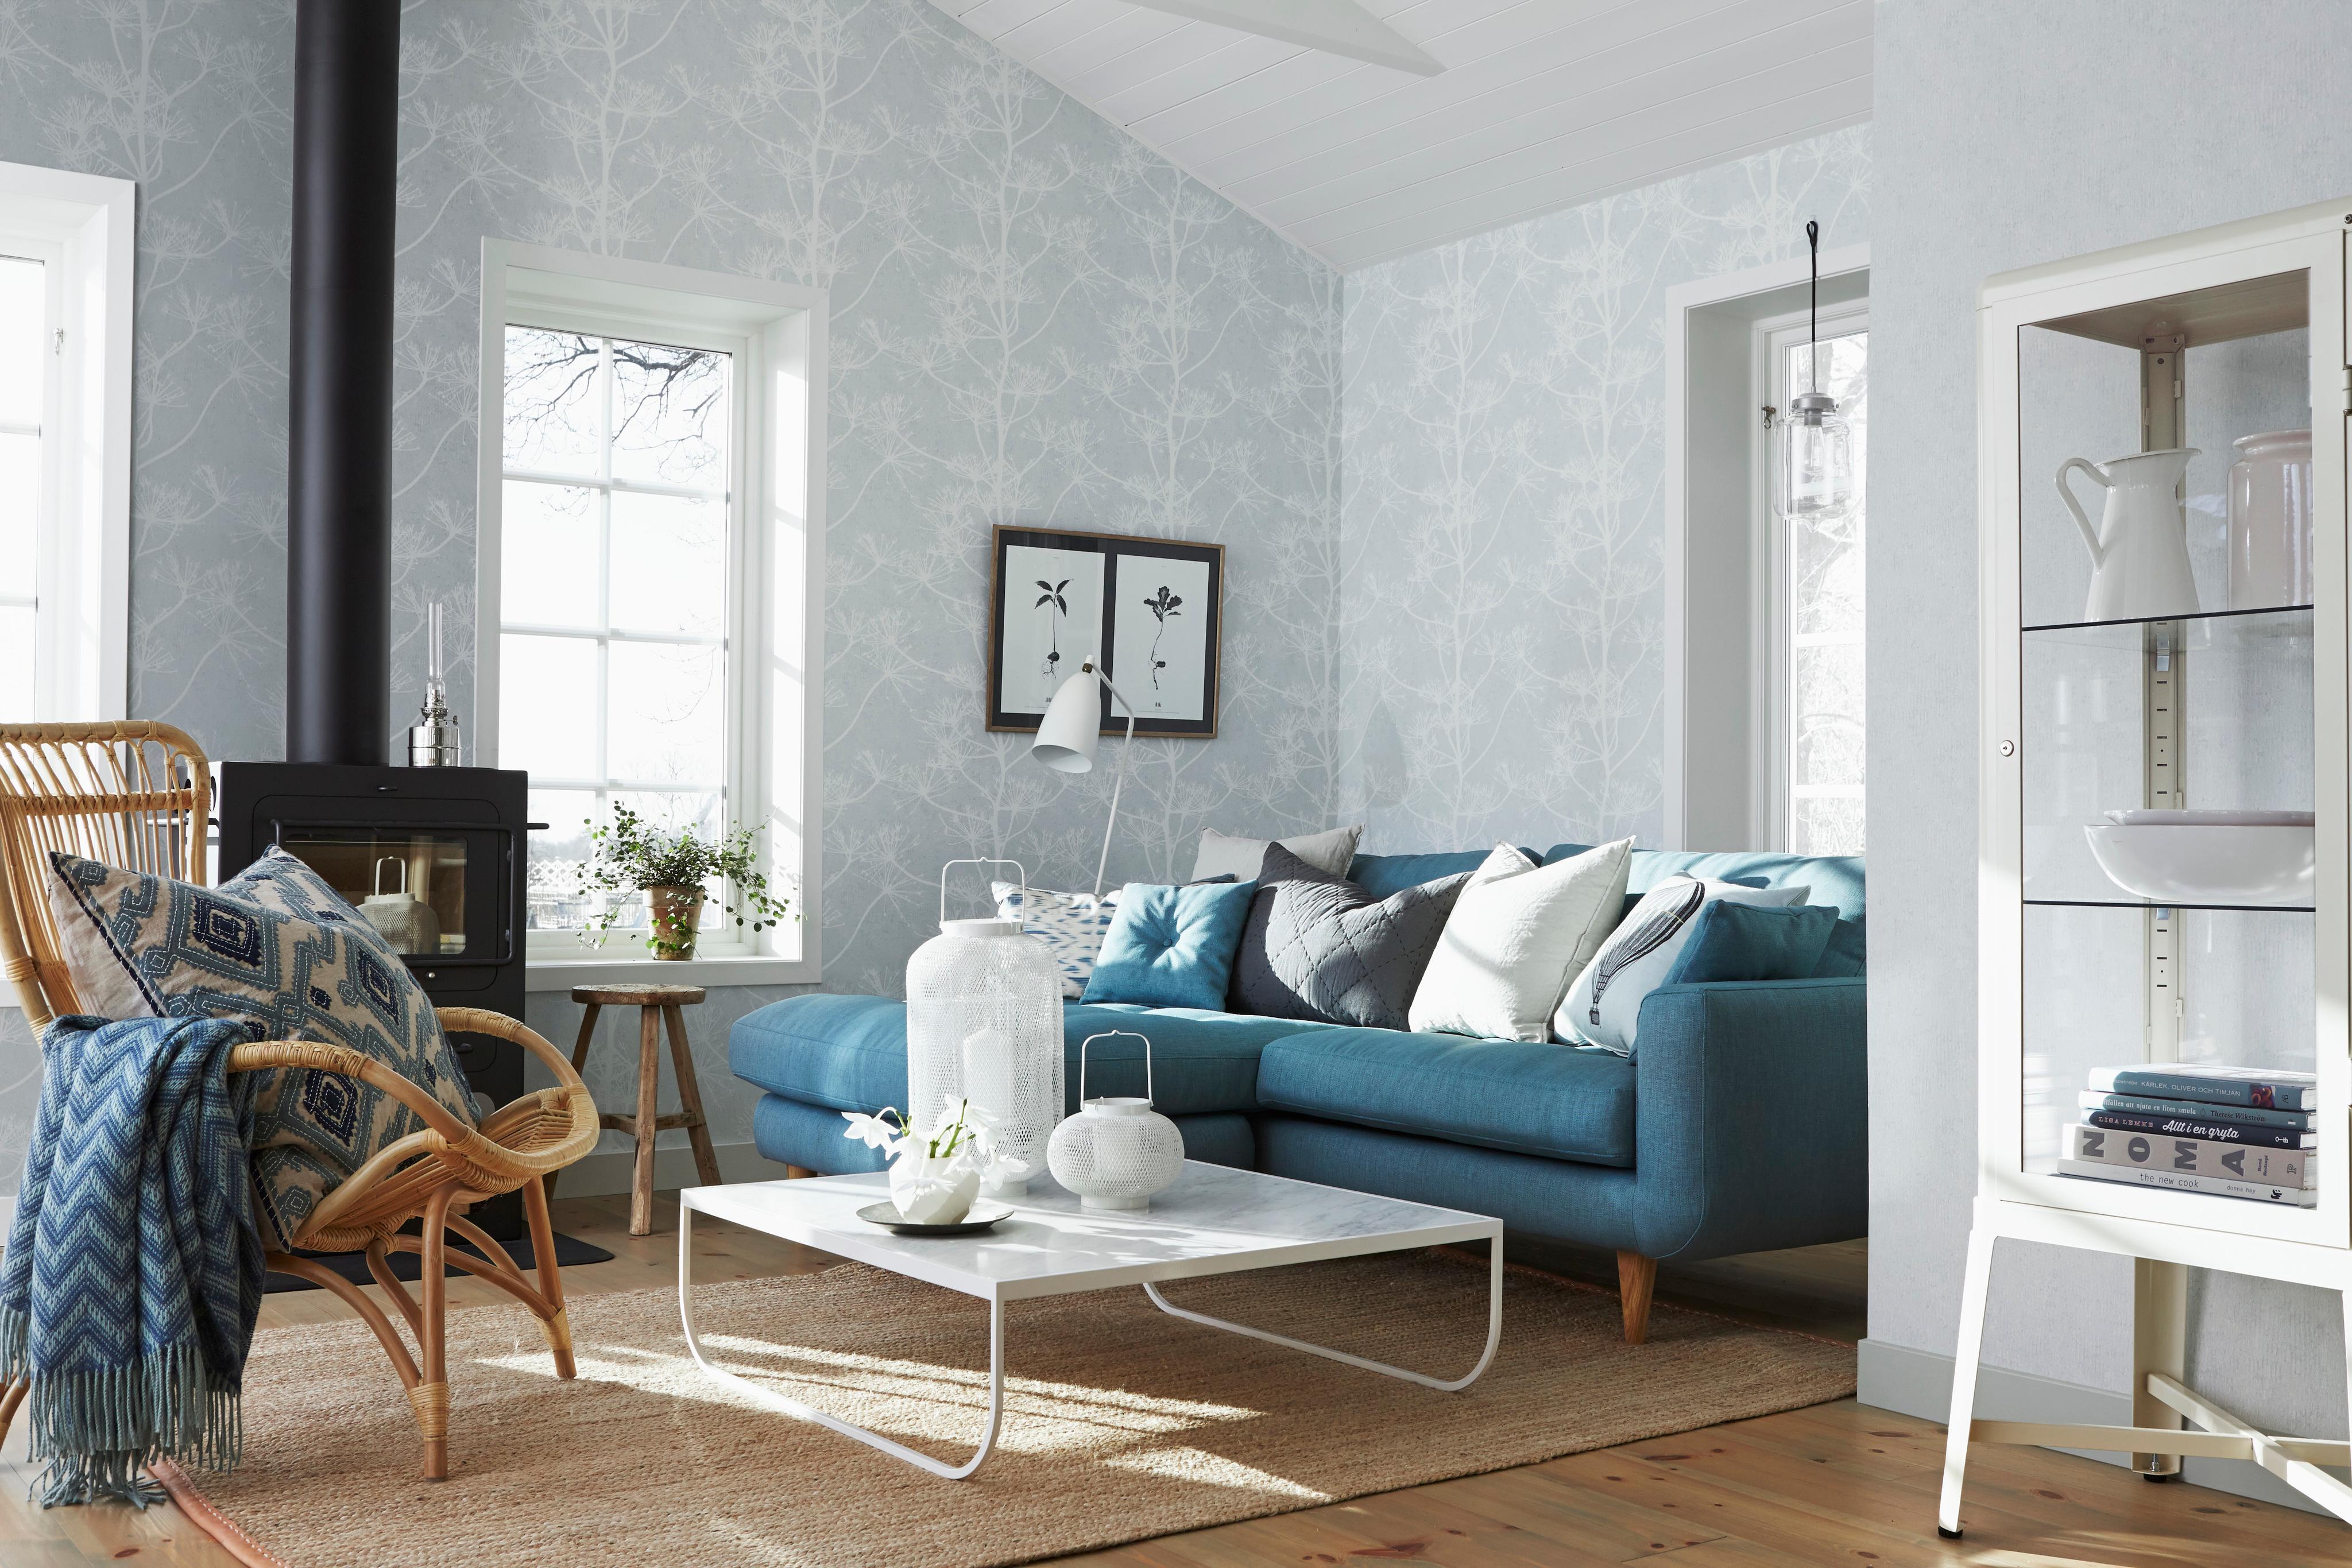 Dekokissen Verschönern Das Wohnzimmer #couchtisch #kamin #sessel #stehlampe  #sofa #mustertapete